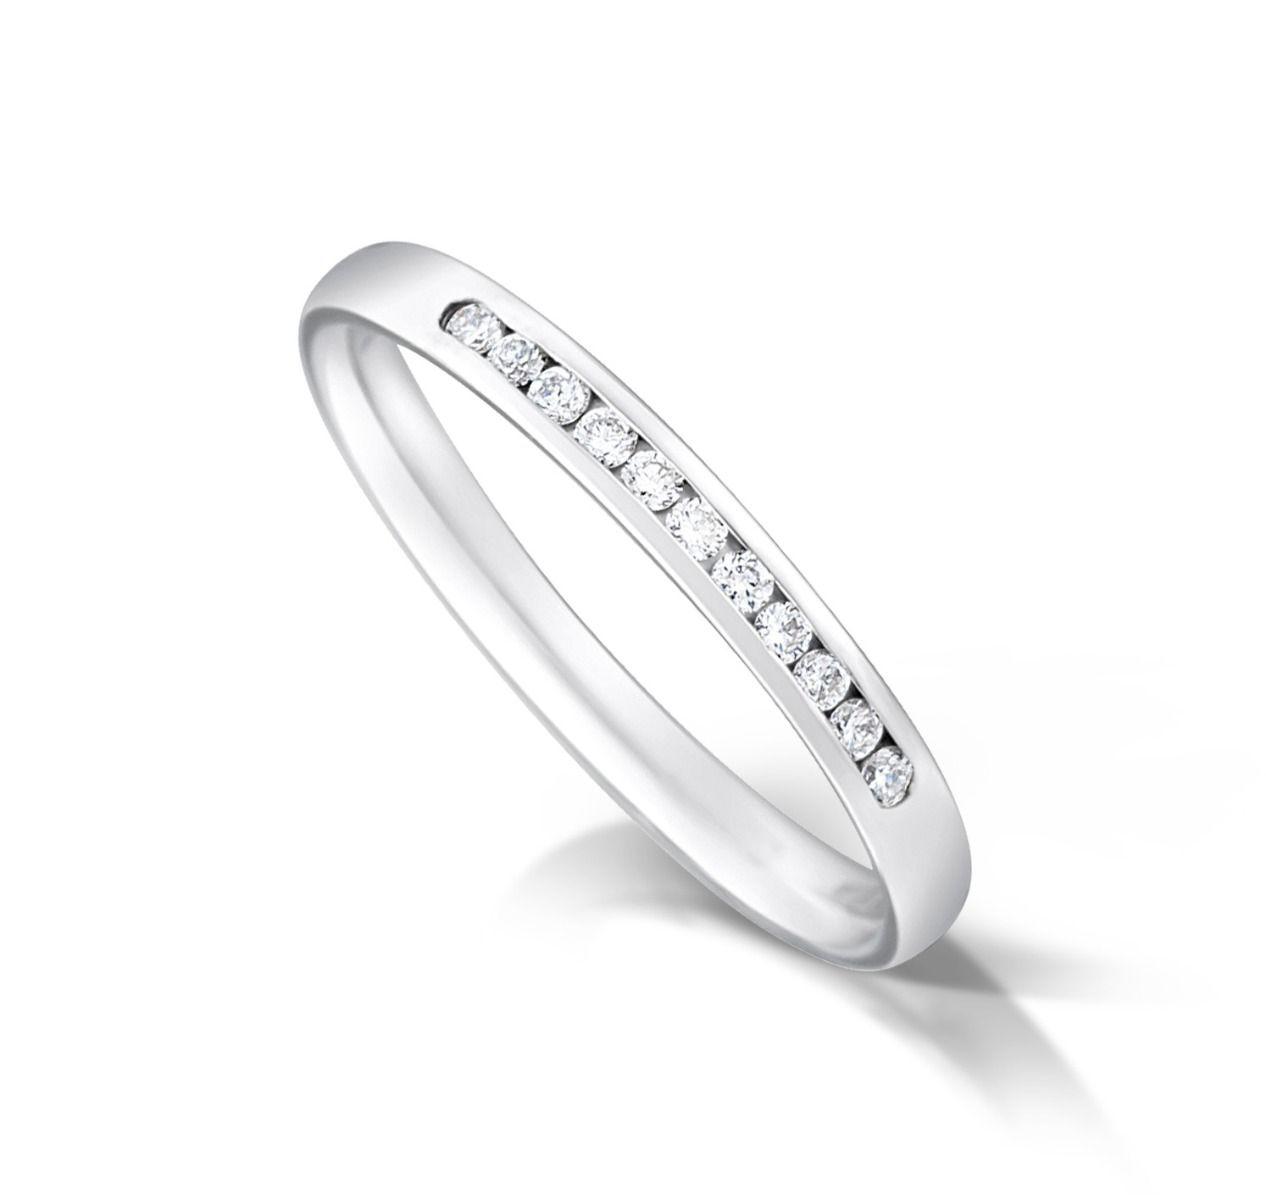 cd8a4018f INGRID - Buy Engagement Rings & Diamonds Online - VANBRUUN